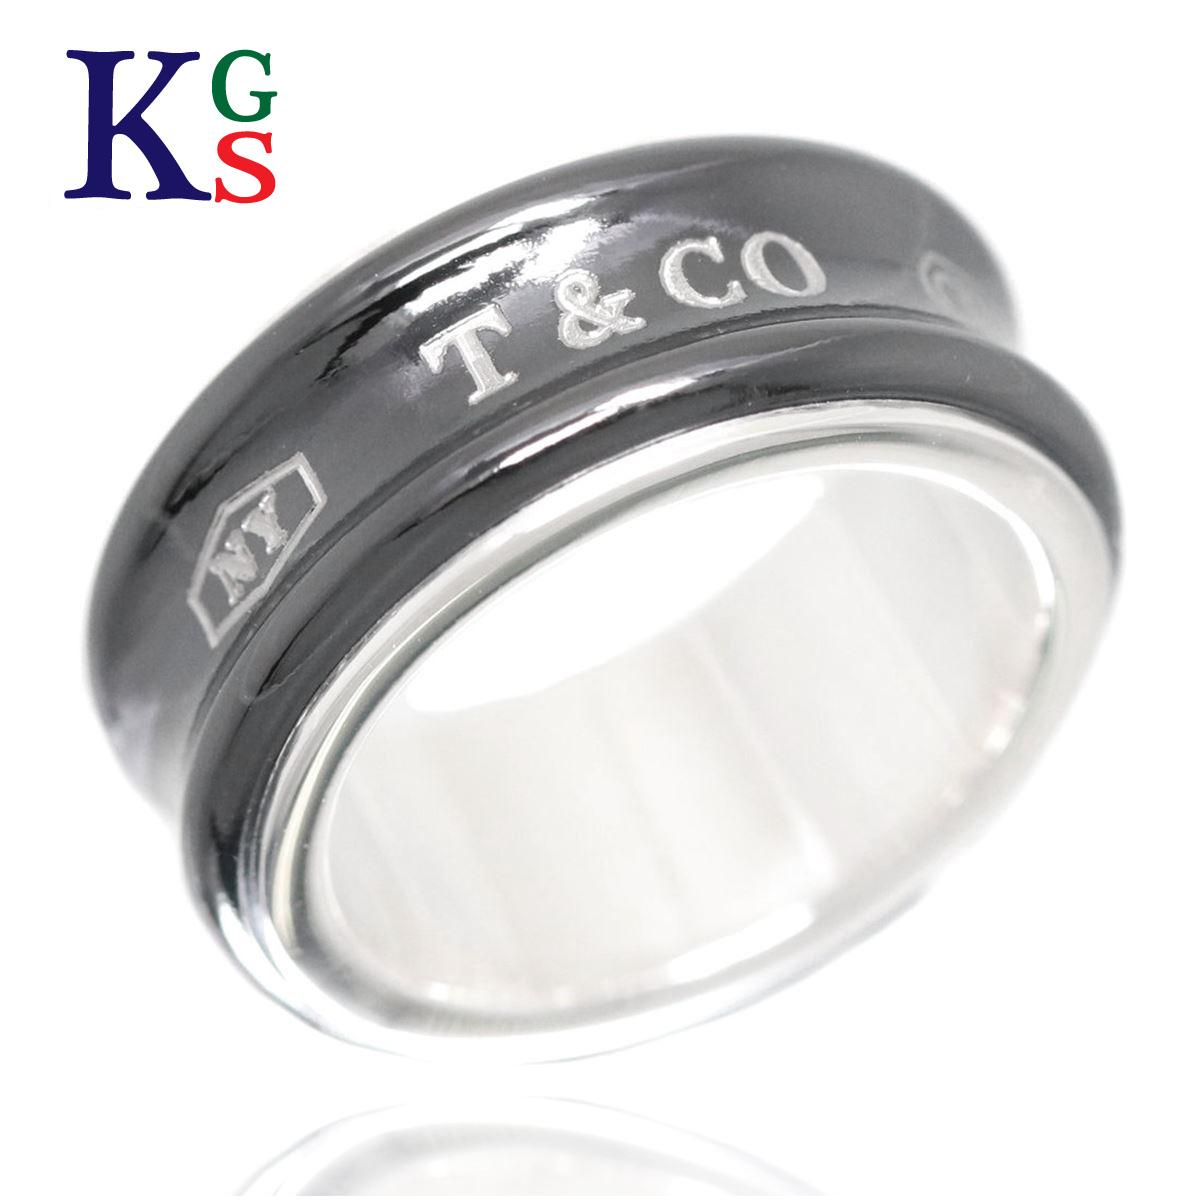 【ギフト品質】【名入れ】ティファニー/Tiffany&co レディース ジュエリー 1837 ナローリング/指輪 ミディアム ブラックxシルバー Ag925xチタン